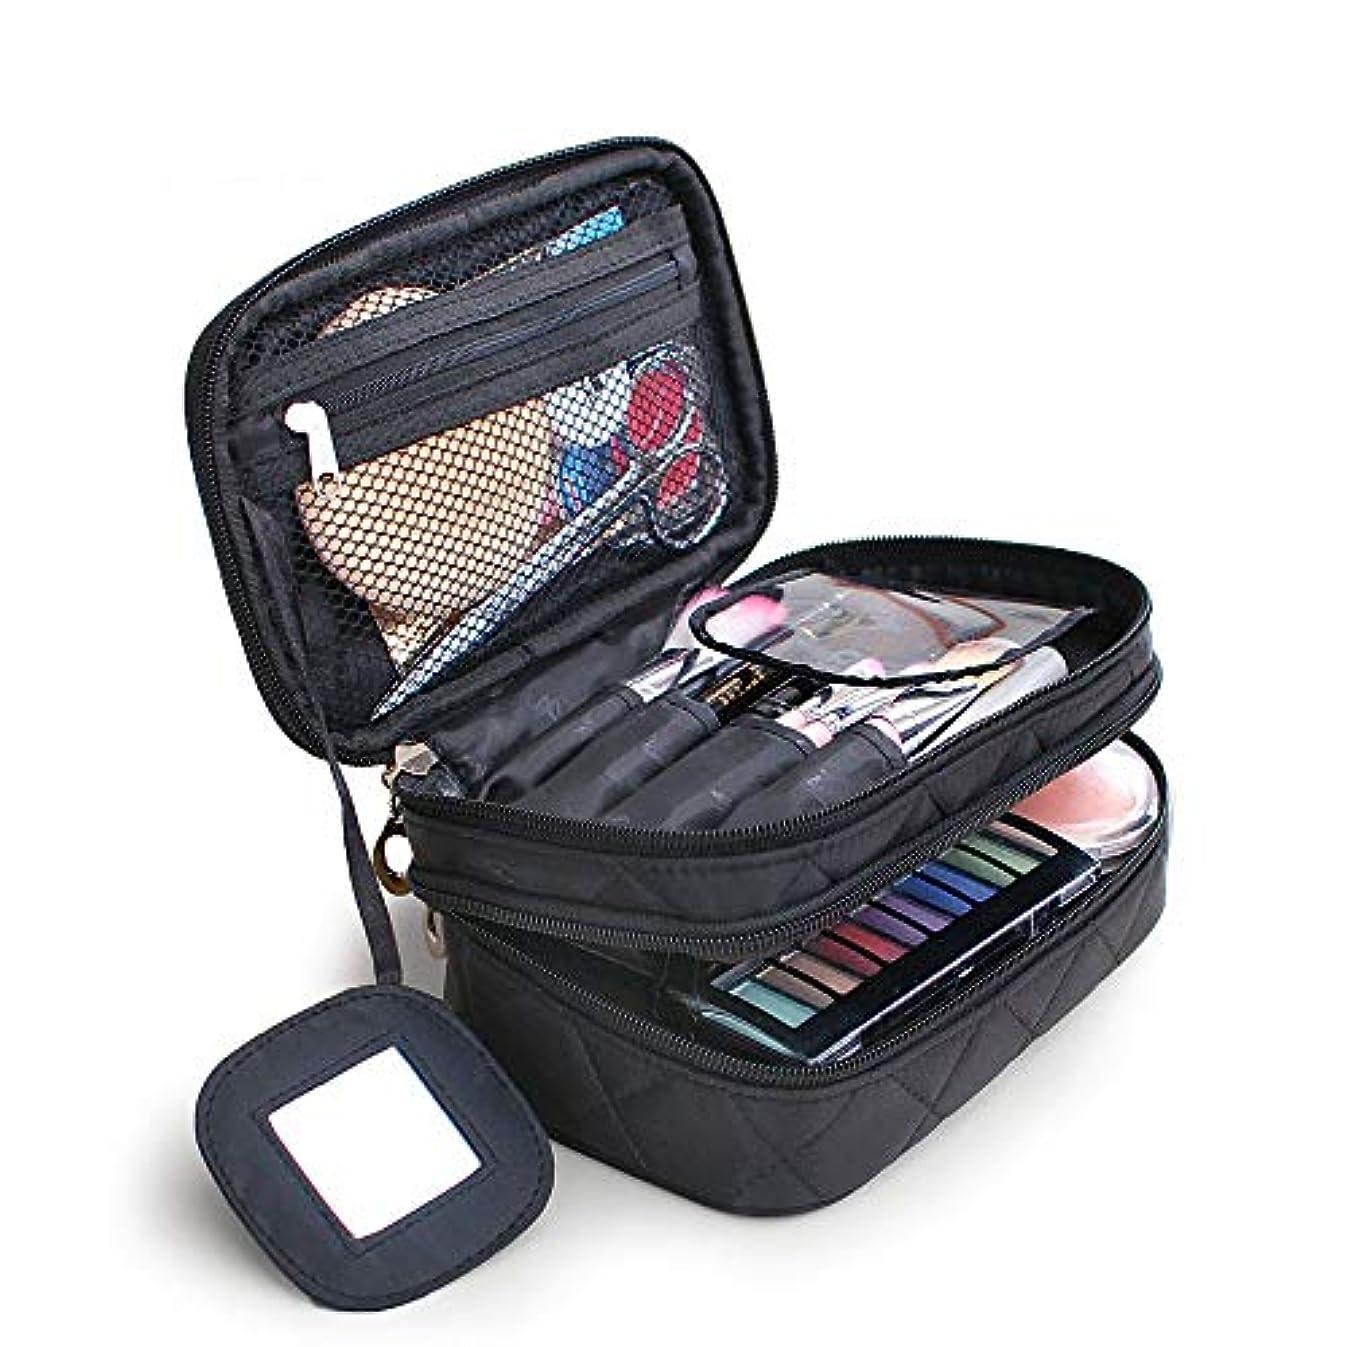 偽善者渦凶暴な化粧バッグ プロ 化粧箱 高品質 大容量 化粧品収納バッグ ウォッシュバッグ 防水化粧品ケースナイロンブラック化粧品袋収納袋